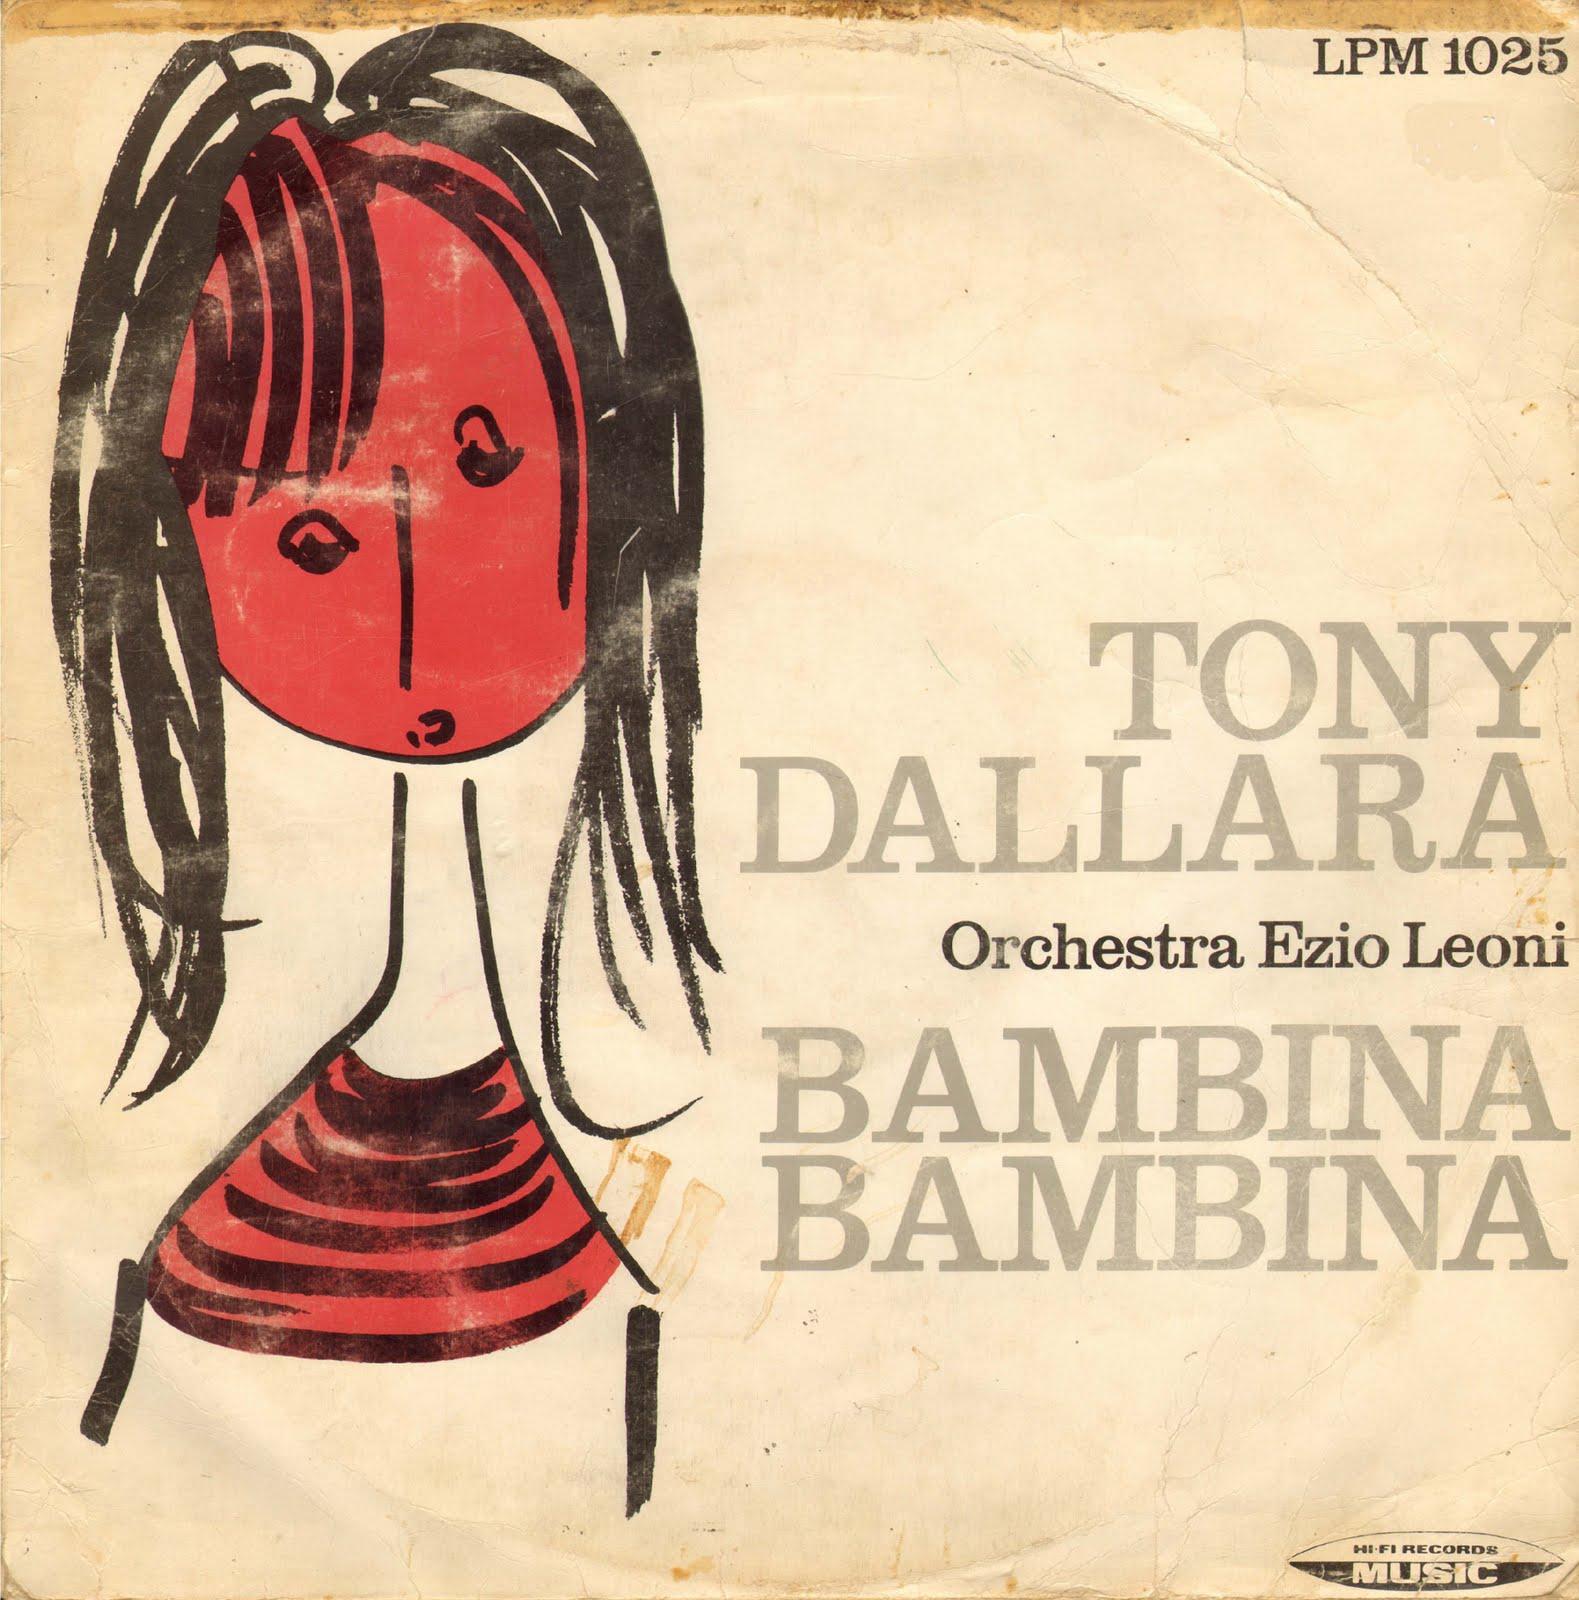 Tony Dallara Bambina Bambina